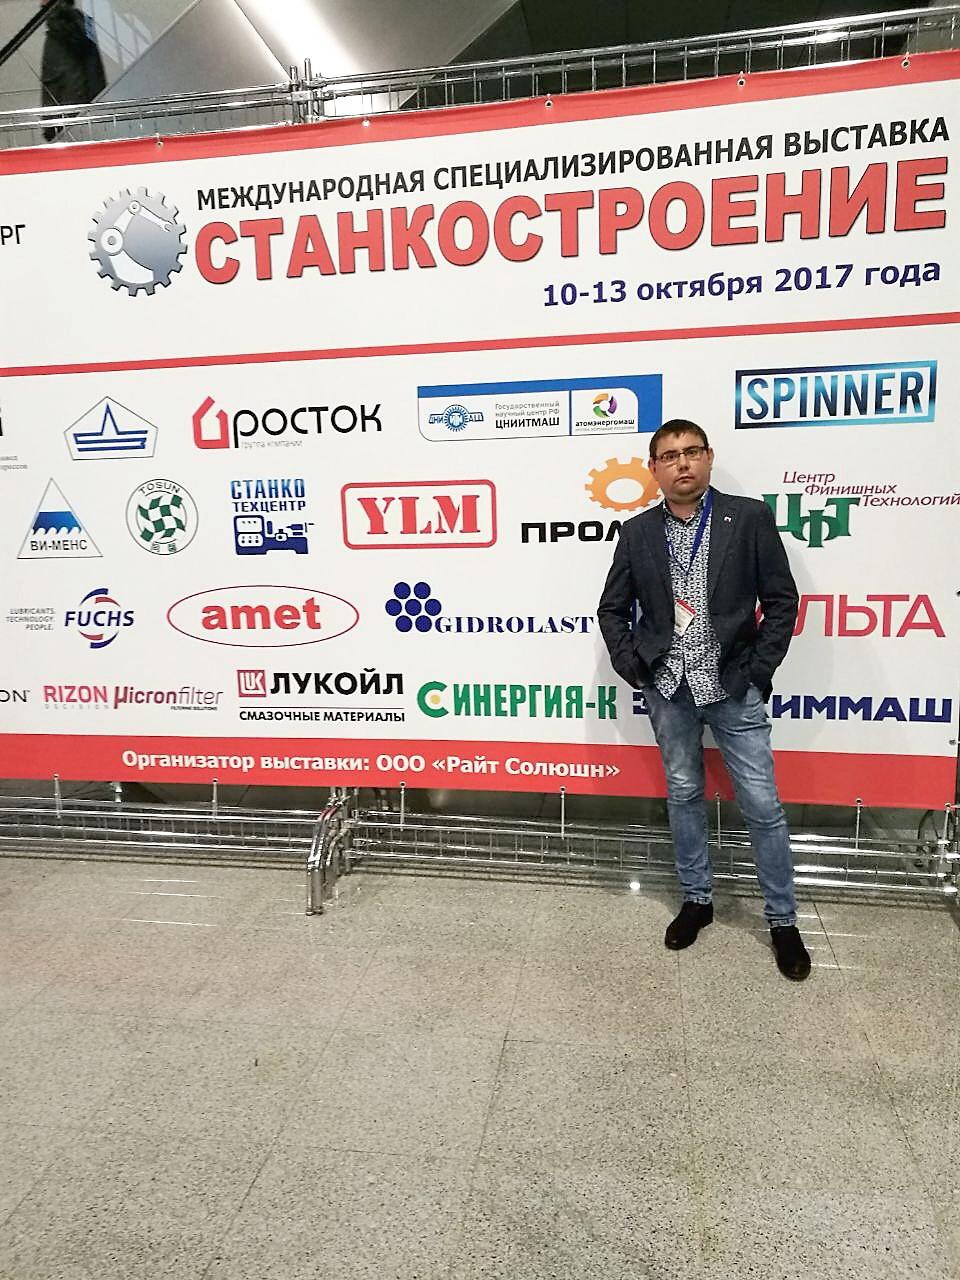 Специалисты компании Гидроласт на выставке в Москве